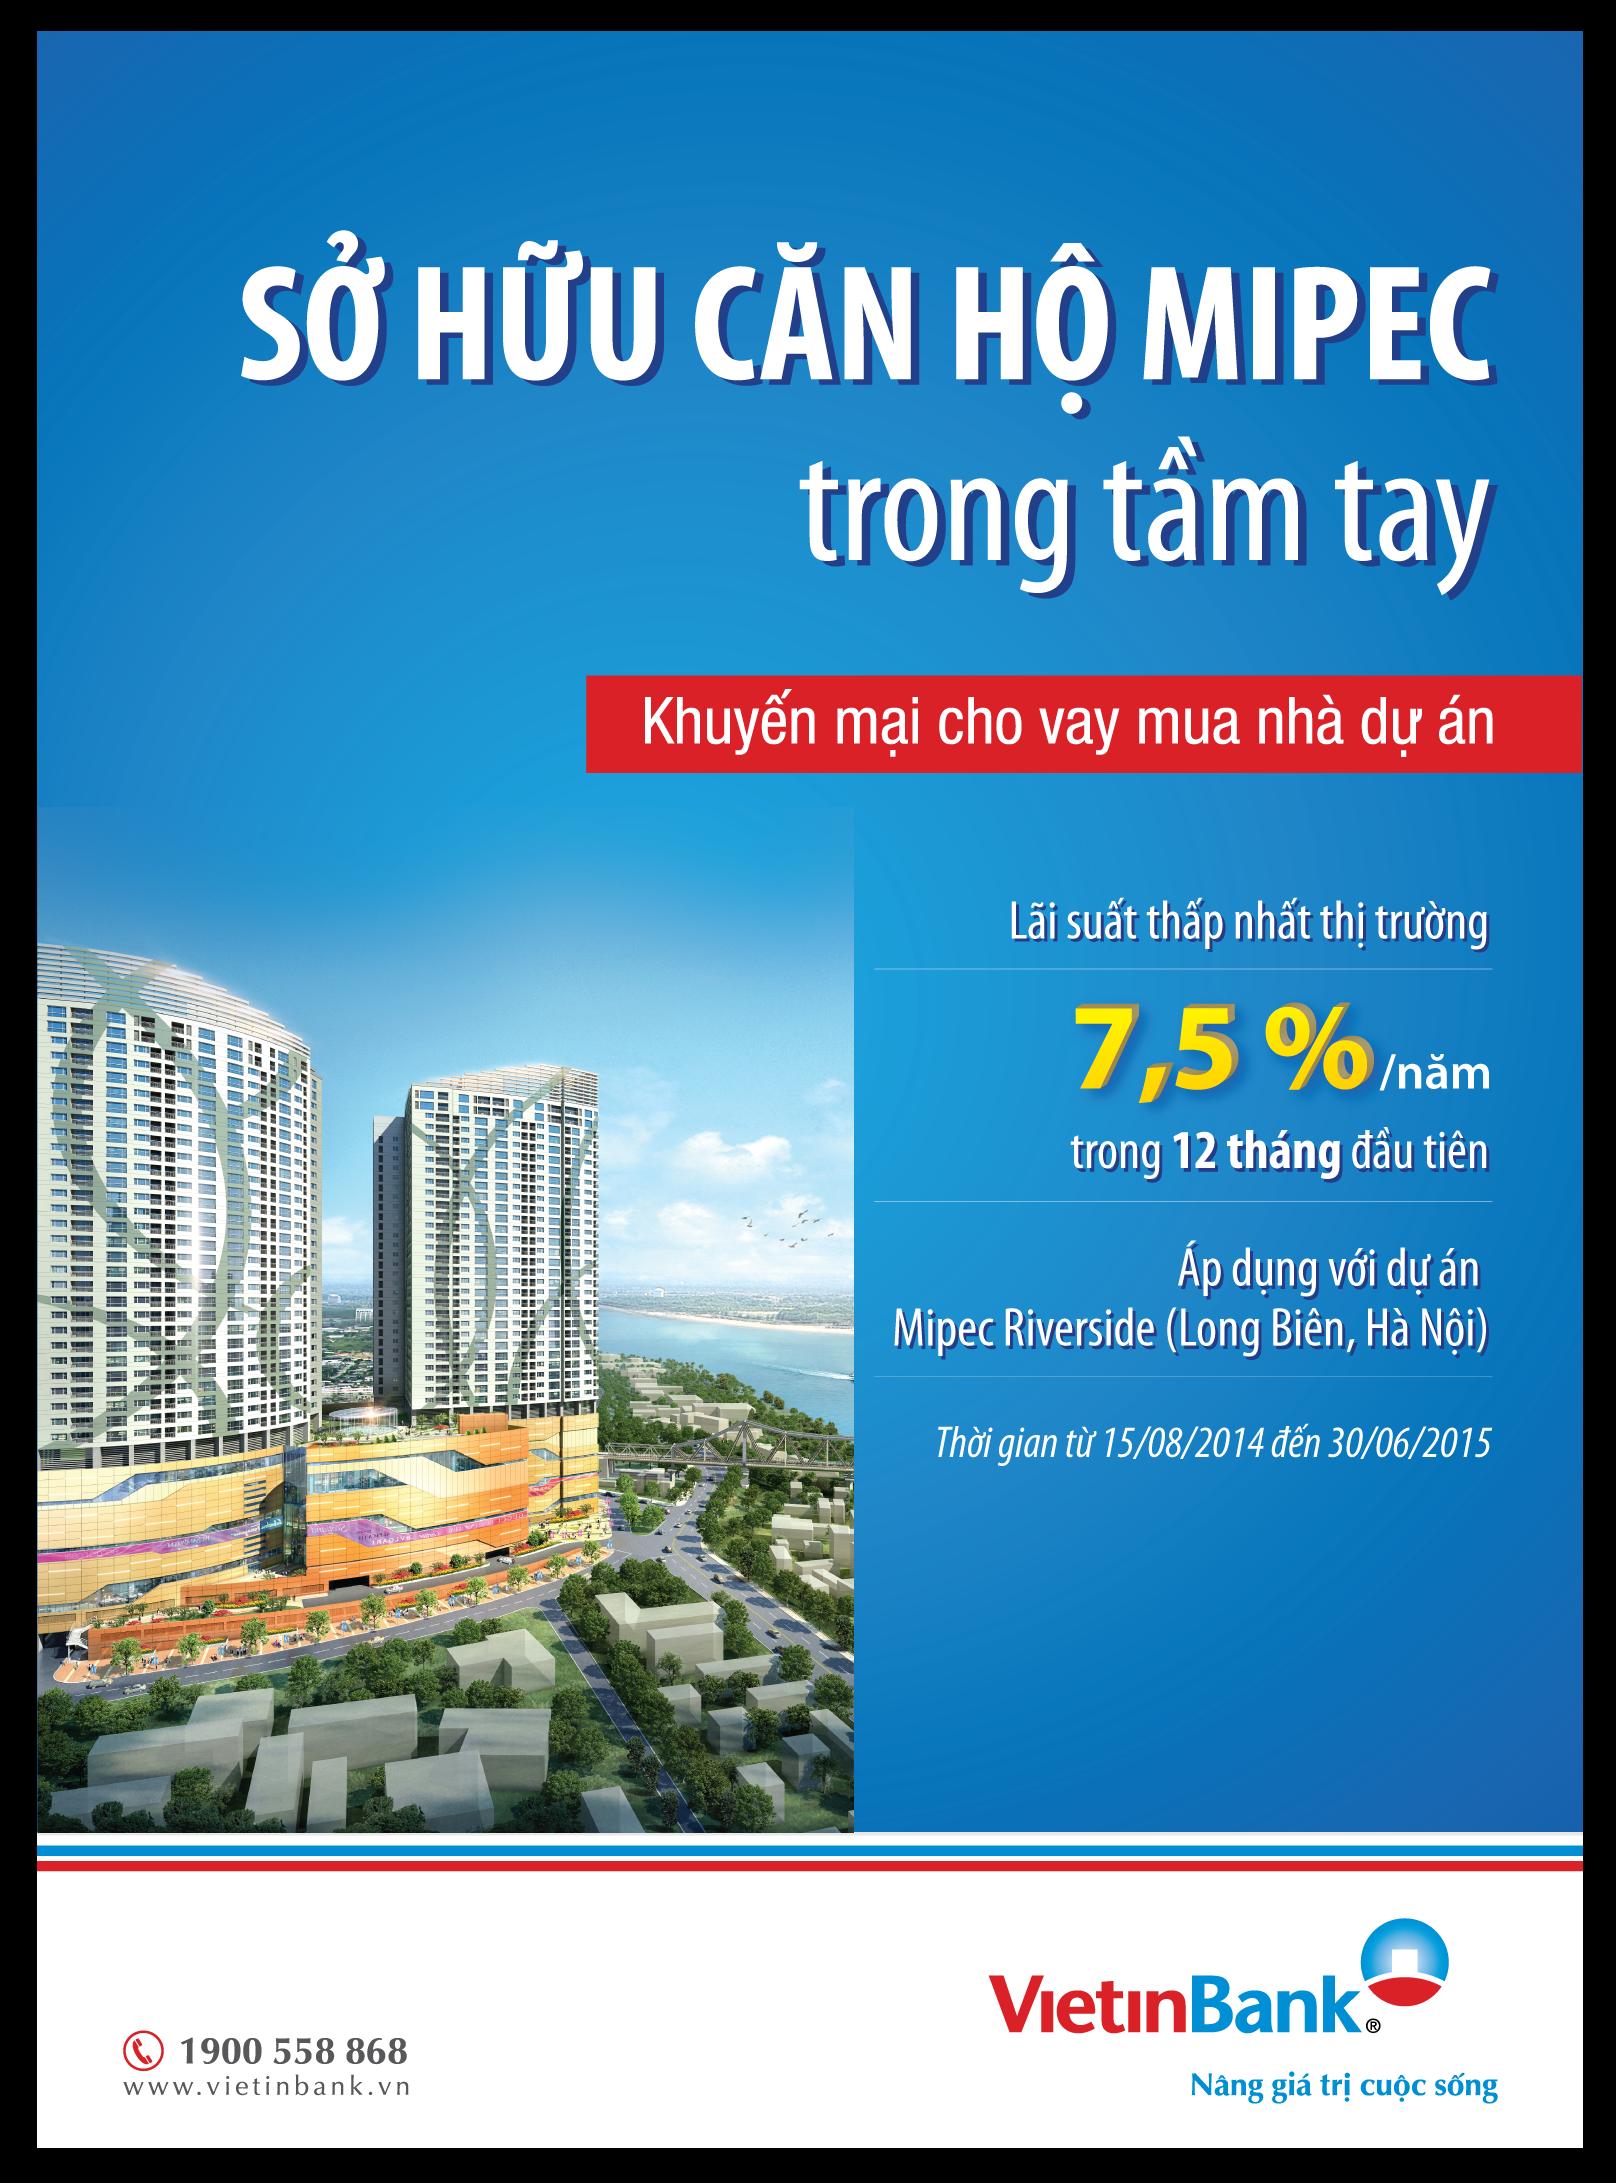 Sở hữu căn hộ Mipec trong tầm tay - Ảnh 1